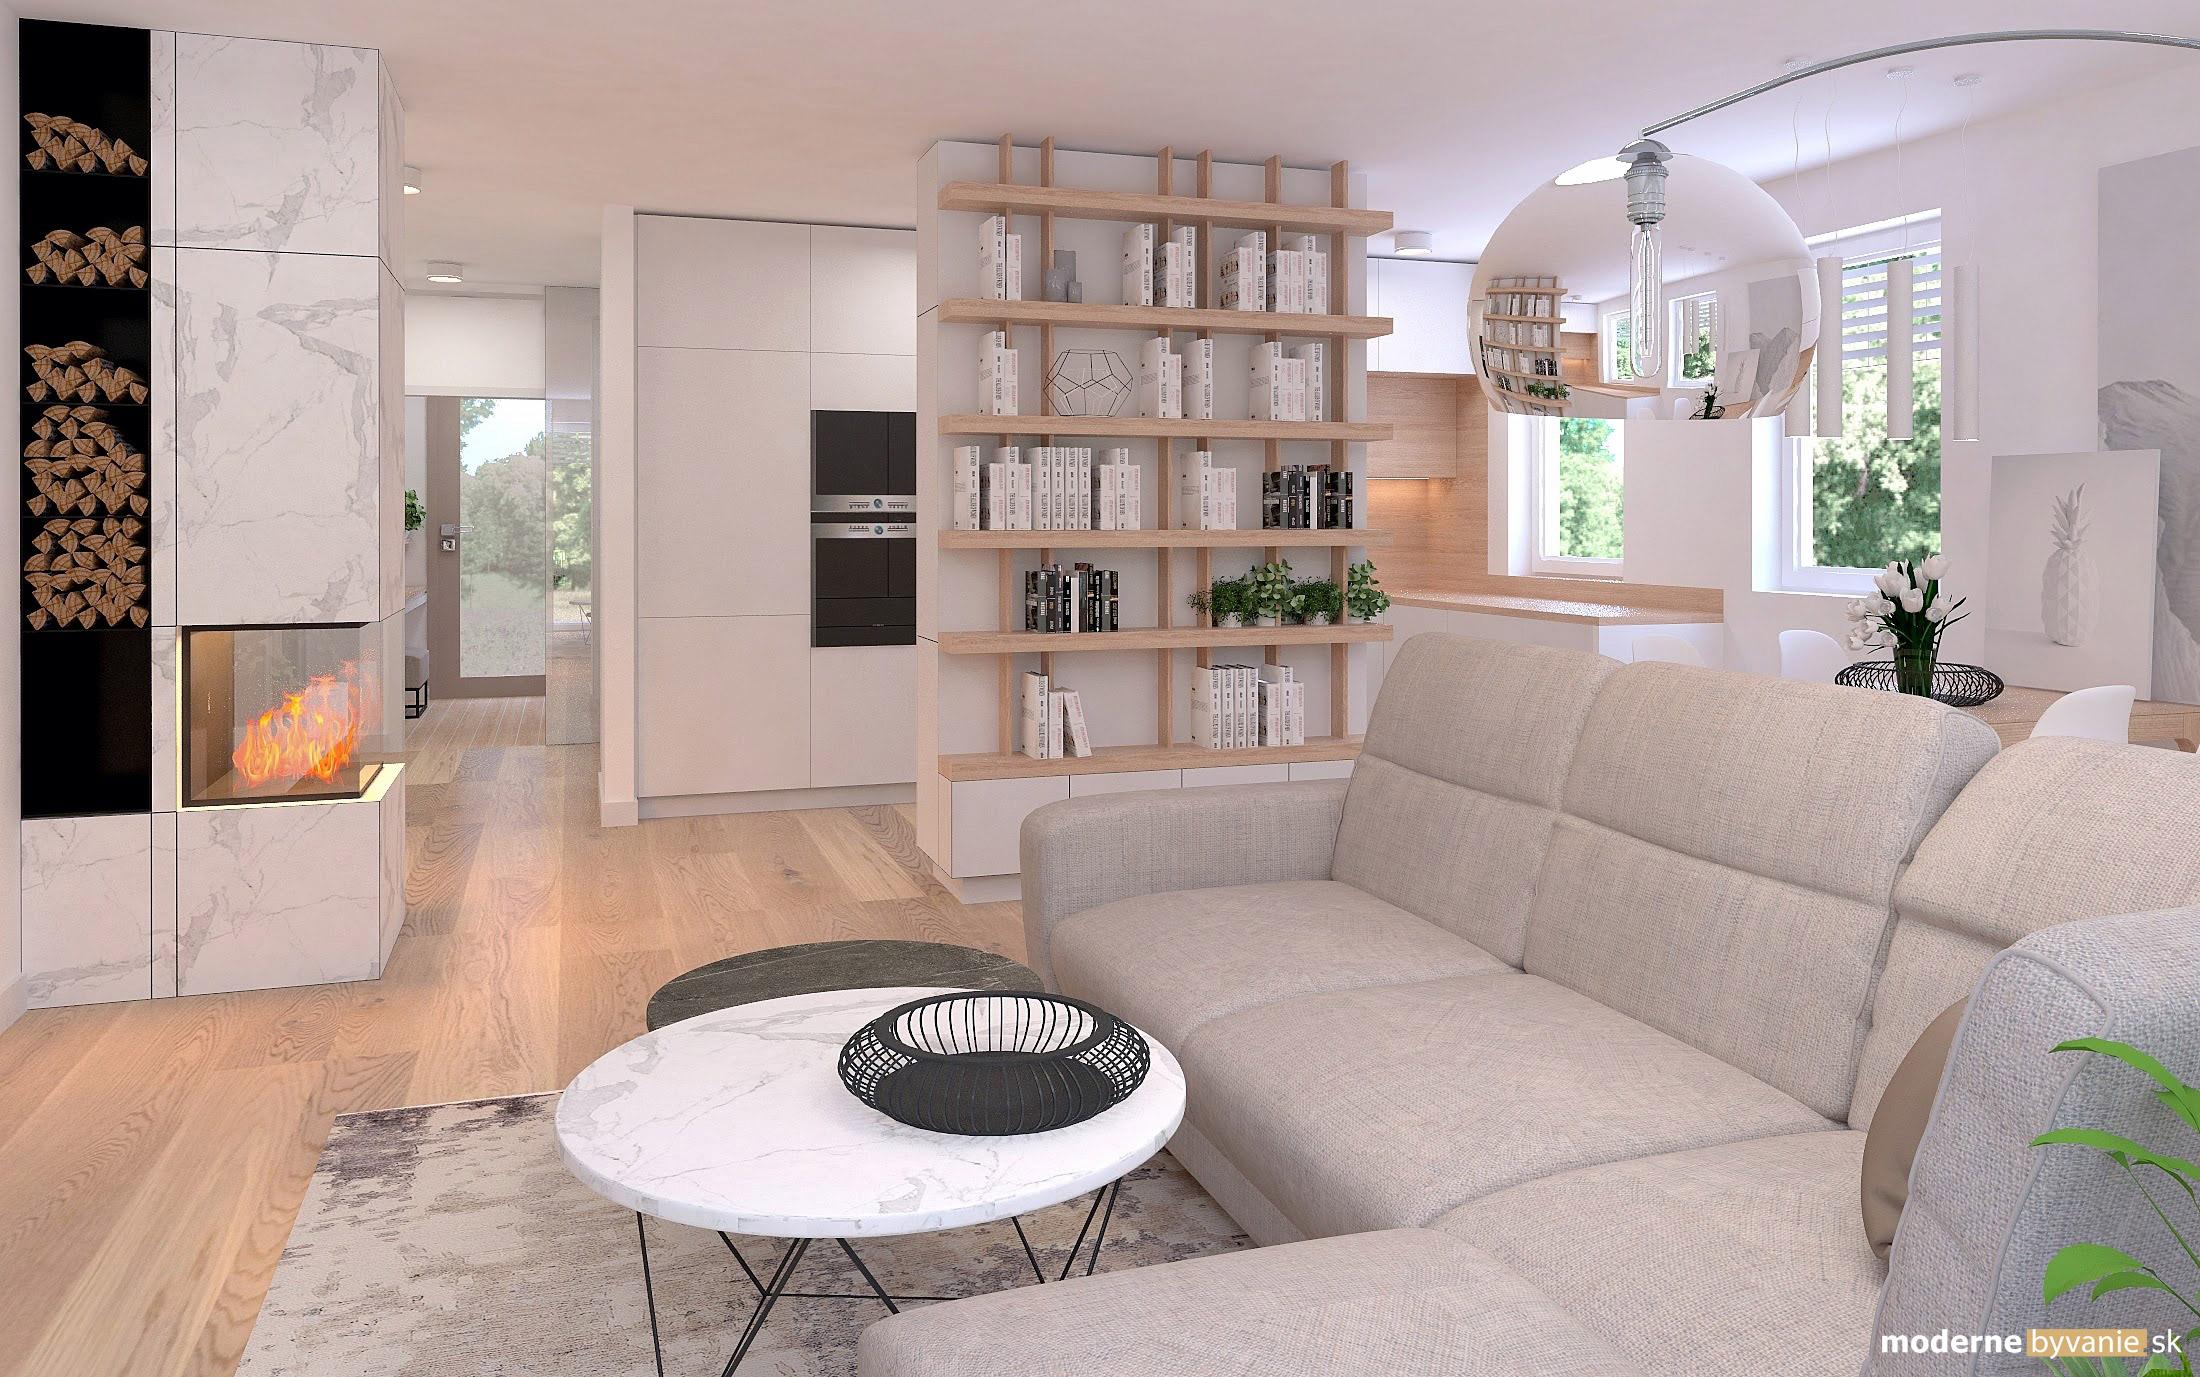 Návrh interiéru - Obývačka a kuchyňa - Príjemný škandinávsky dizajn